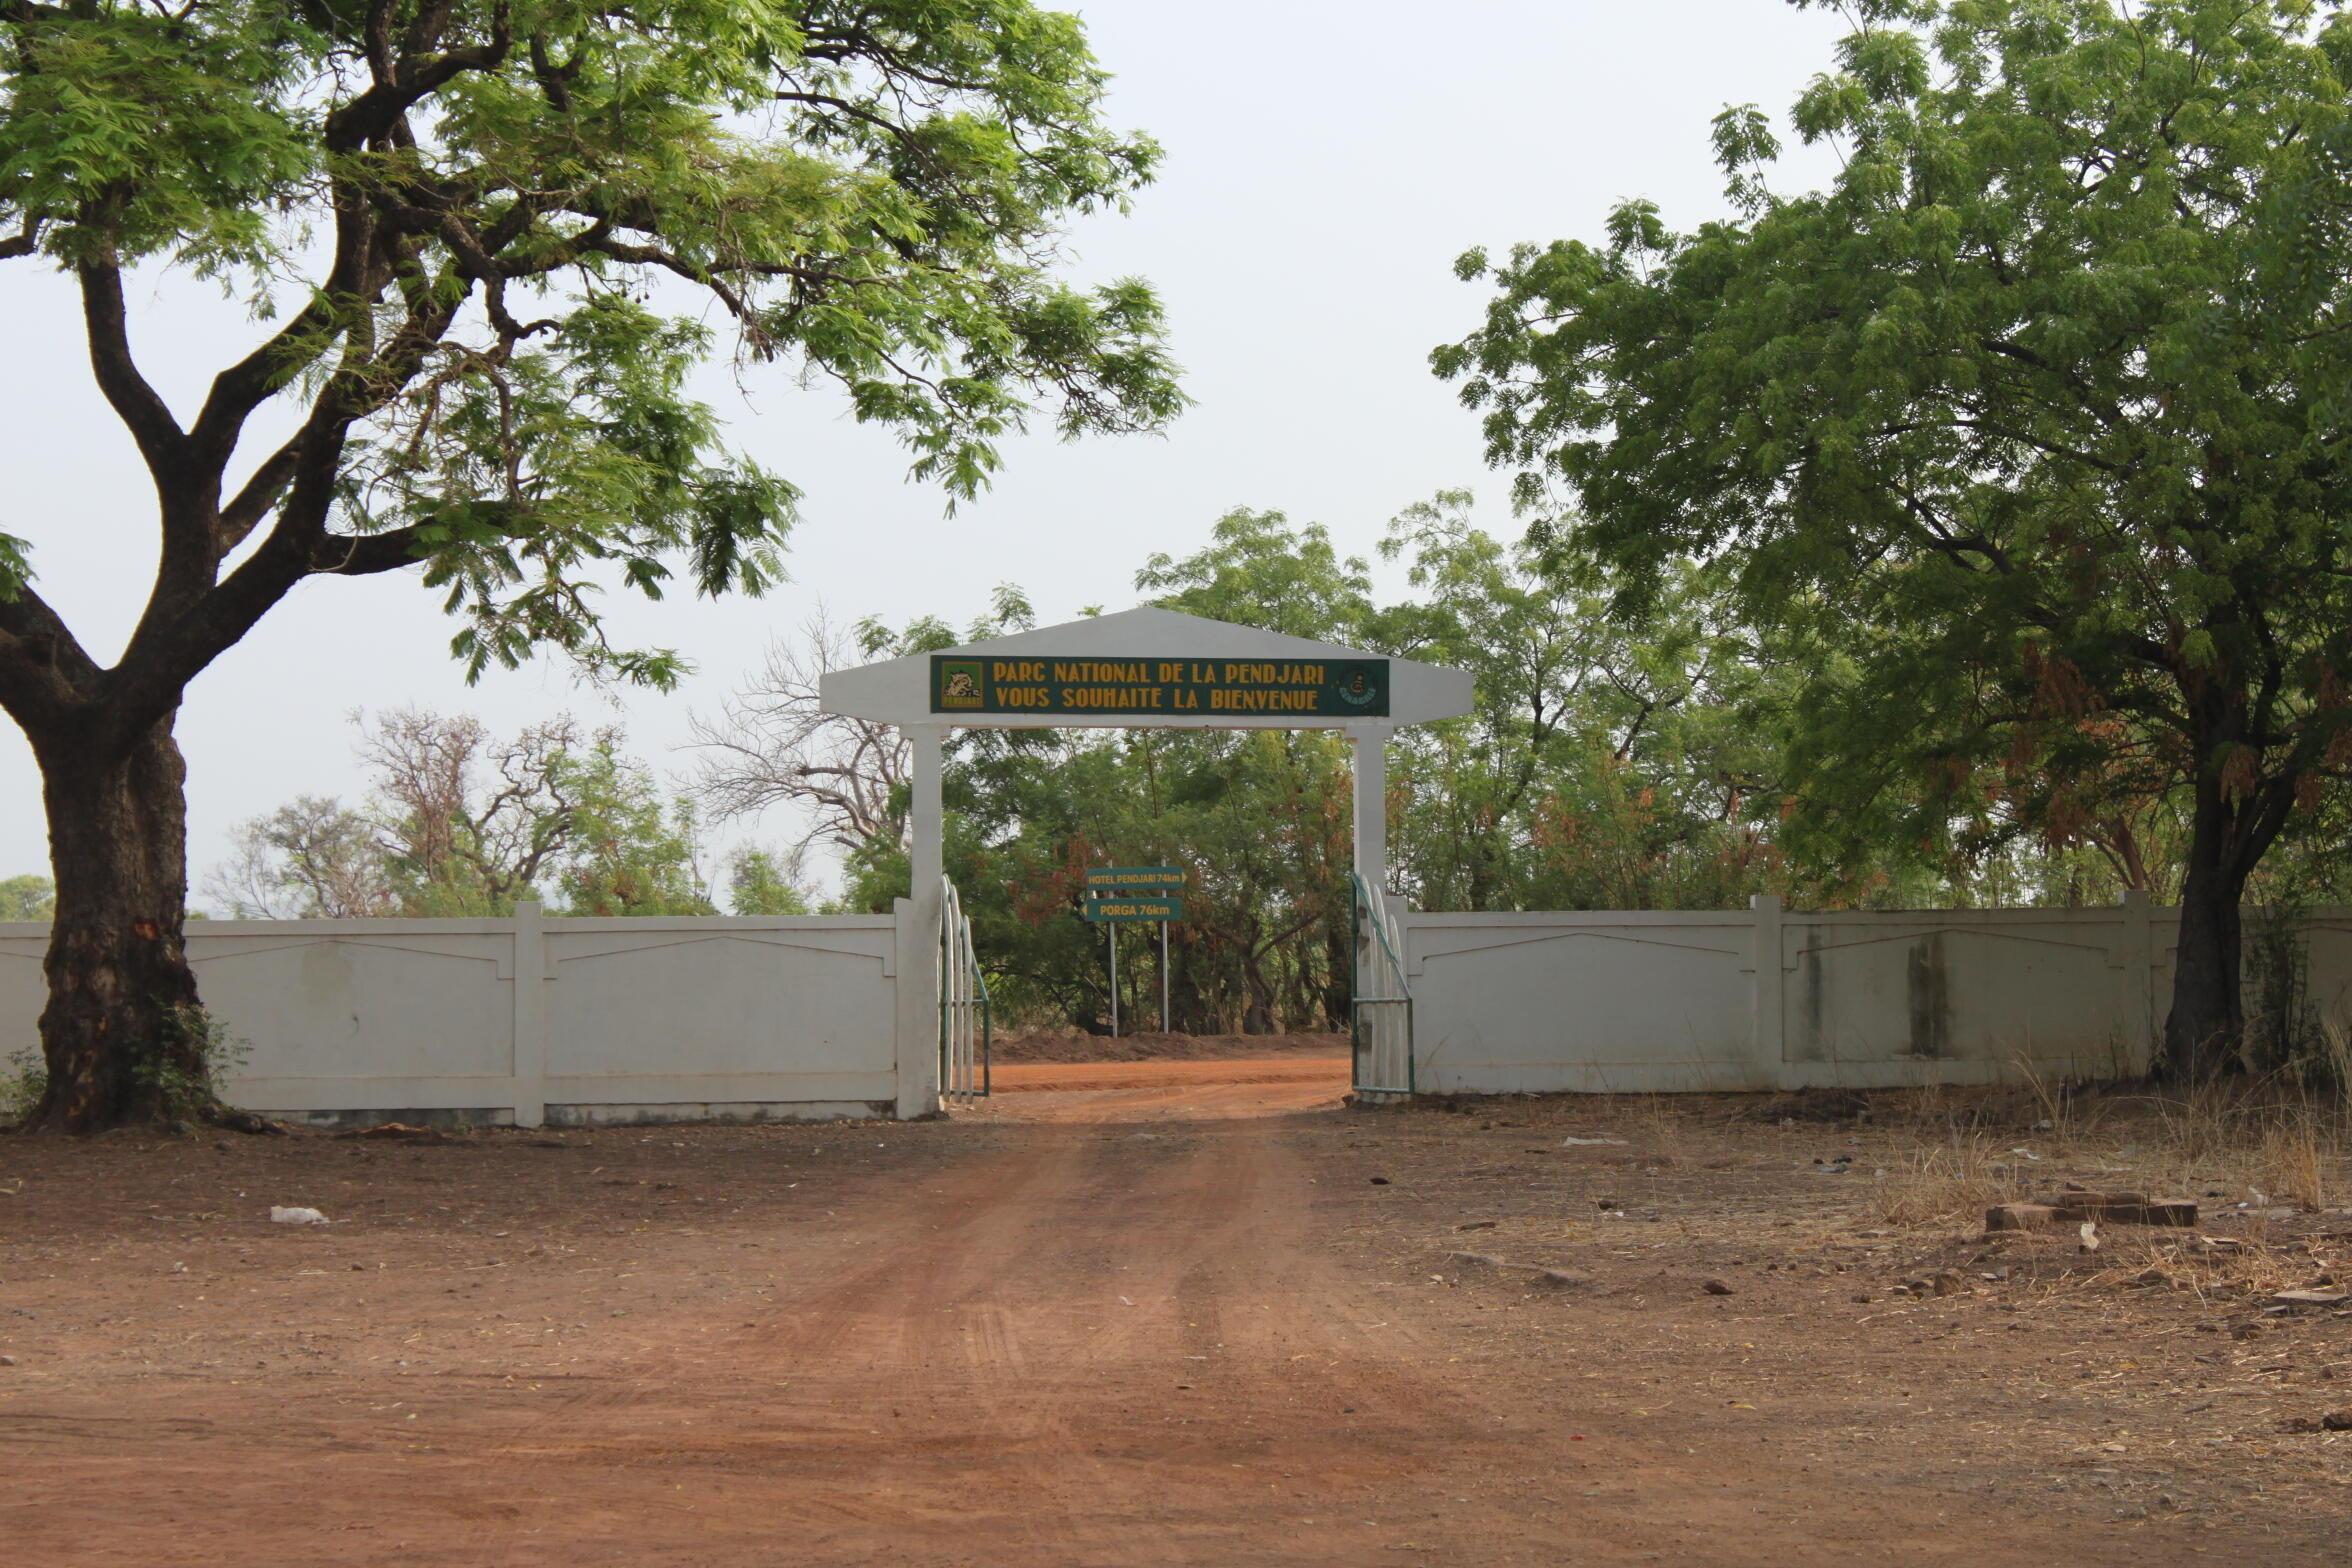 Porte d'entrée du parc national de la Pendjari, au nord-ouest du Bénin.